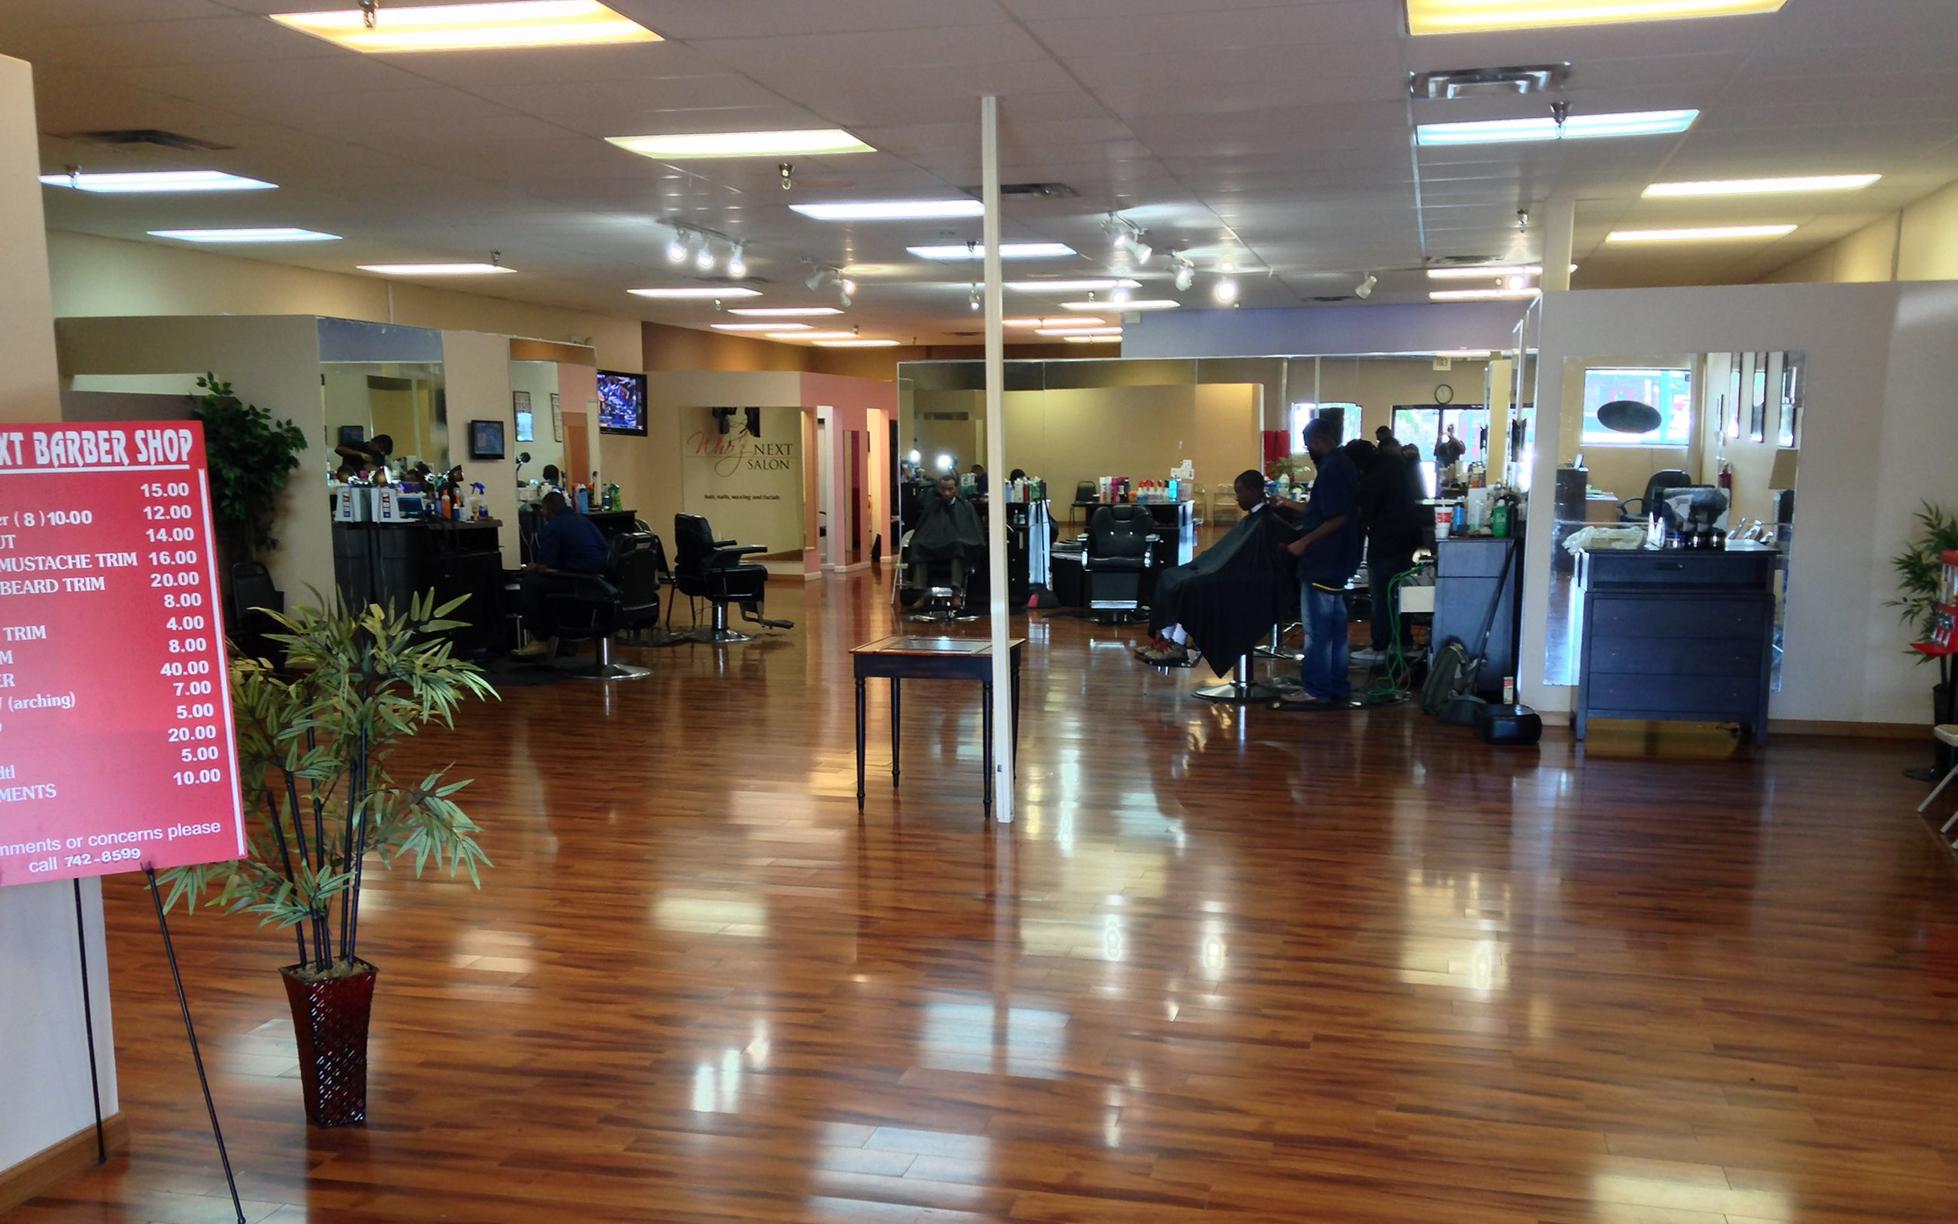 Whoz Next Barbershop & Salon